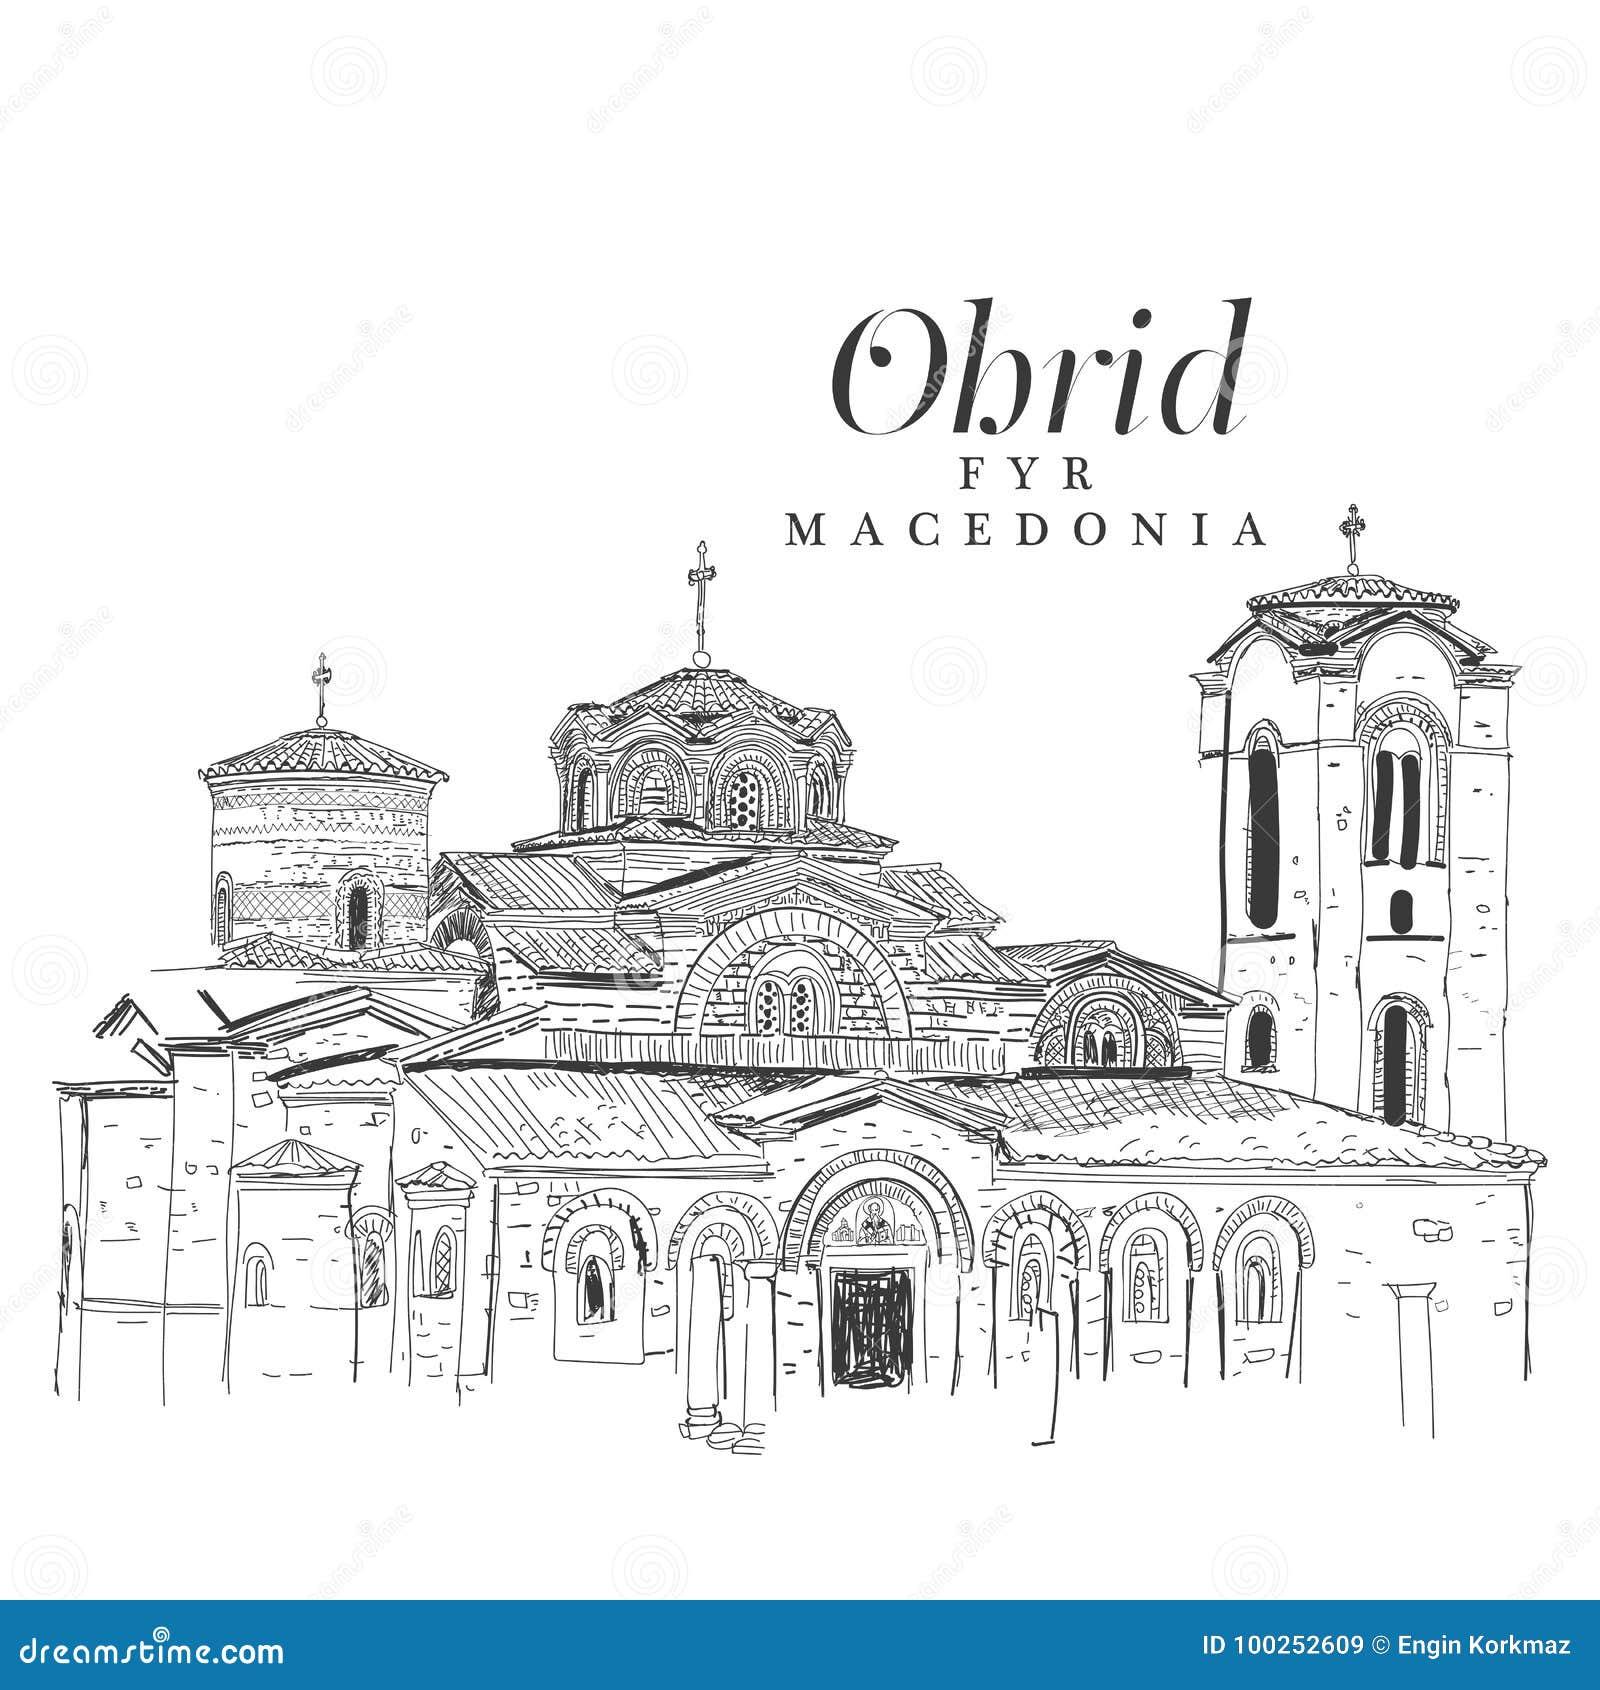 Freihändige digitale Zeichnung der Kirche von Panteleimon, Ohrid, MA